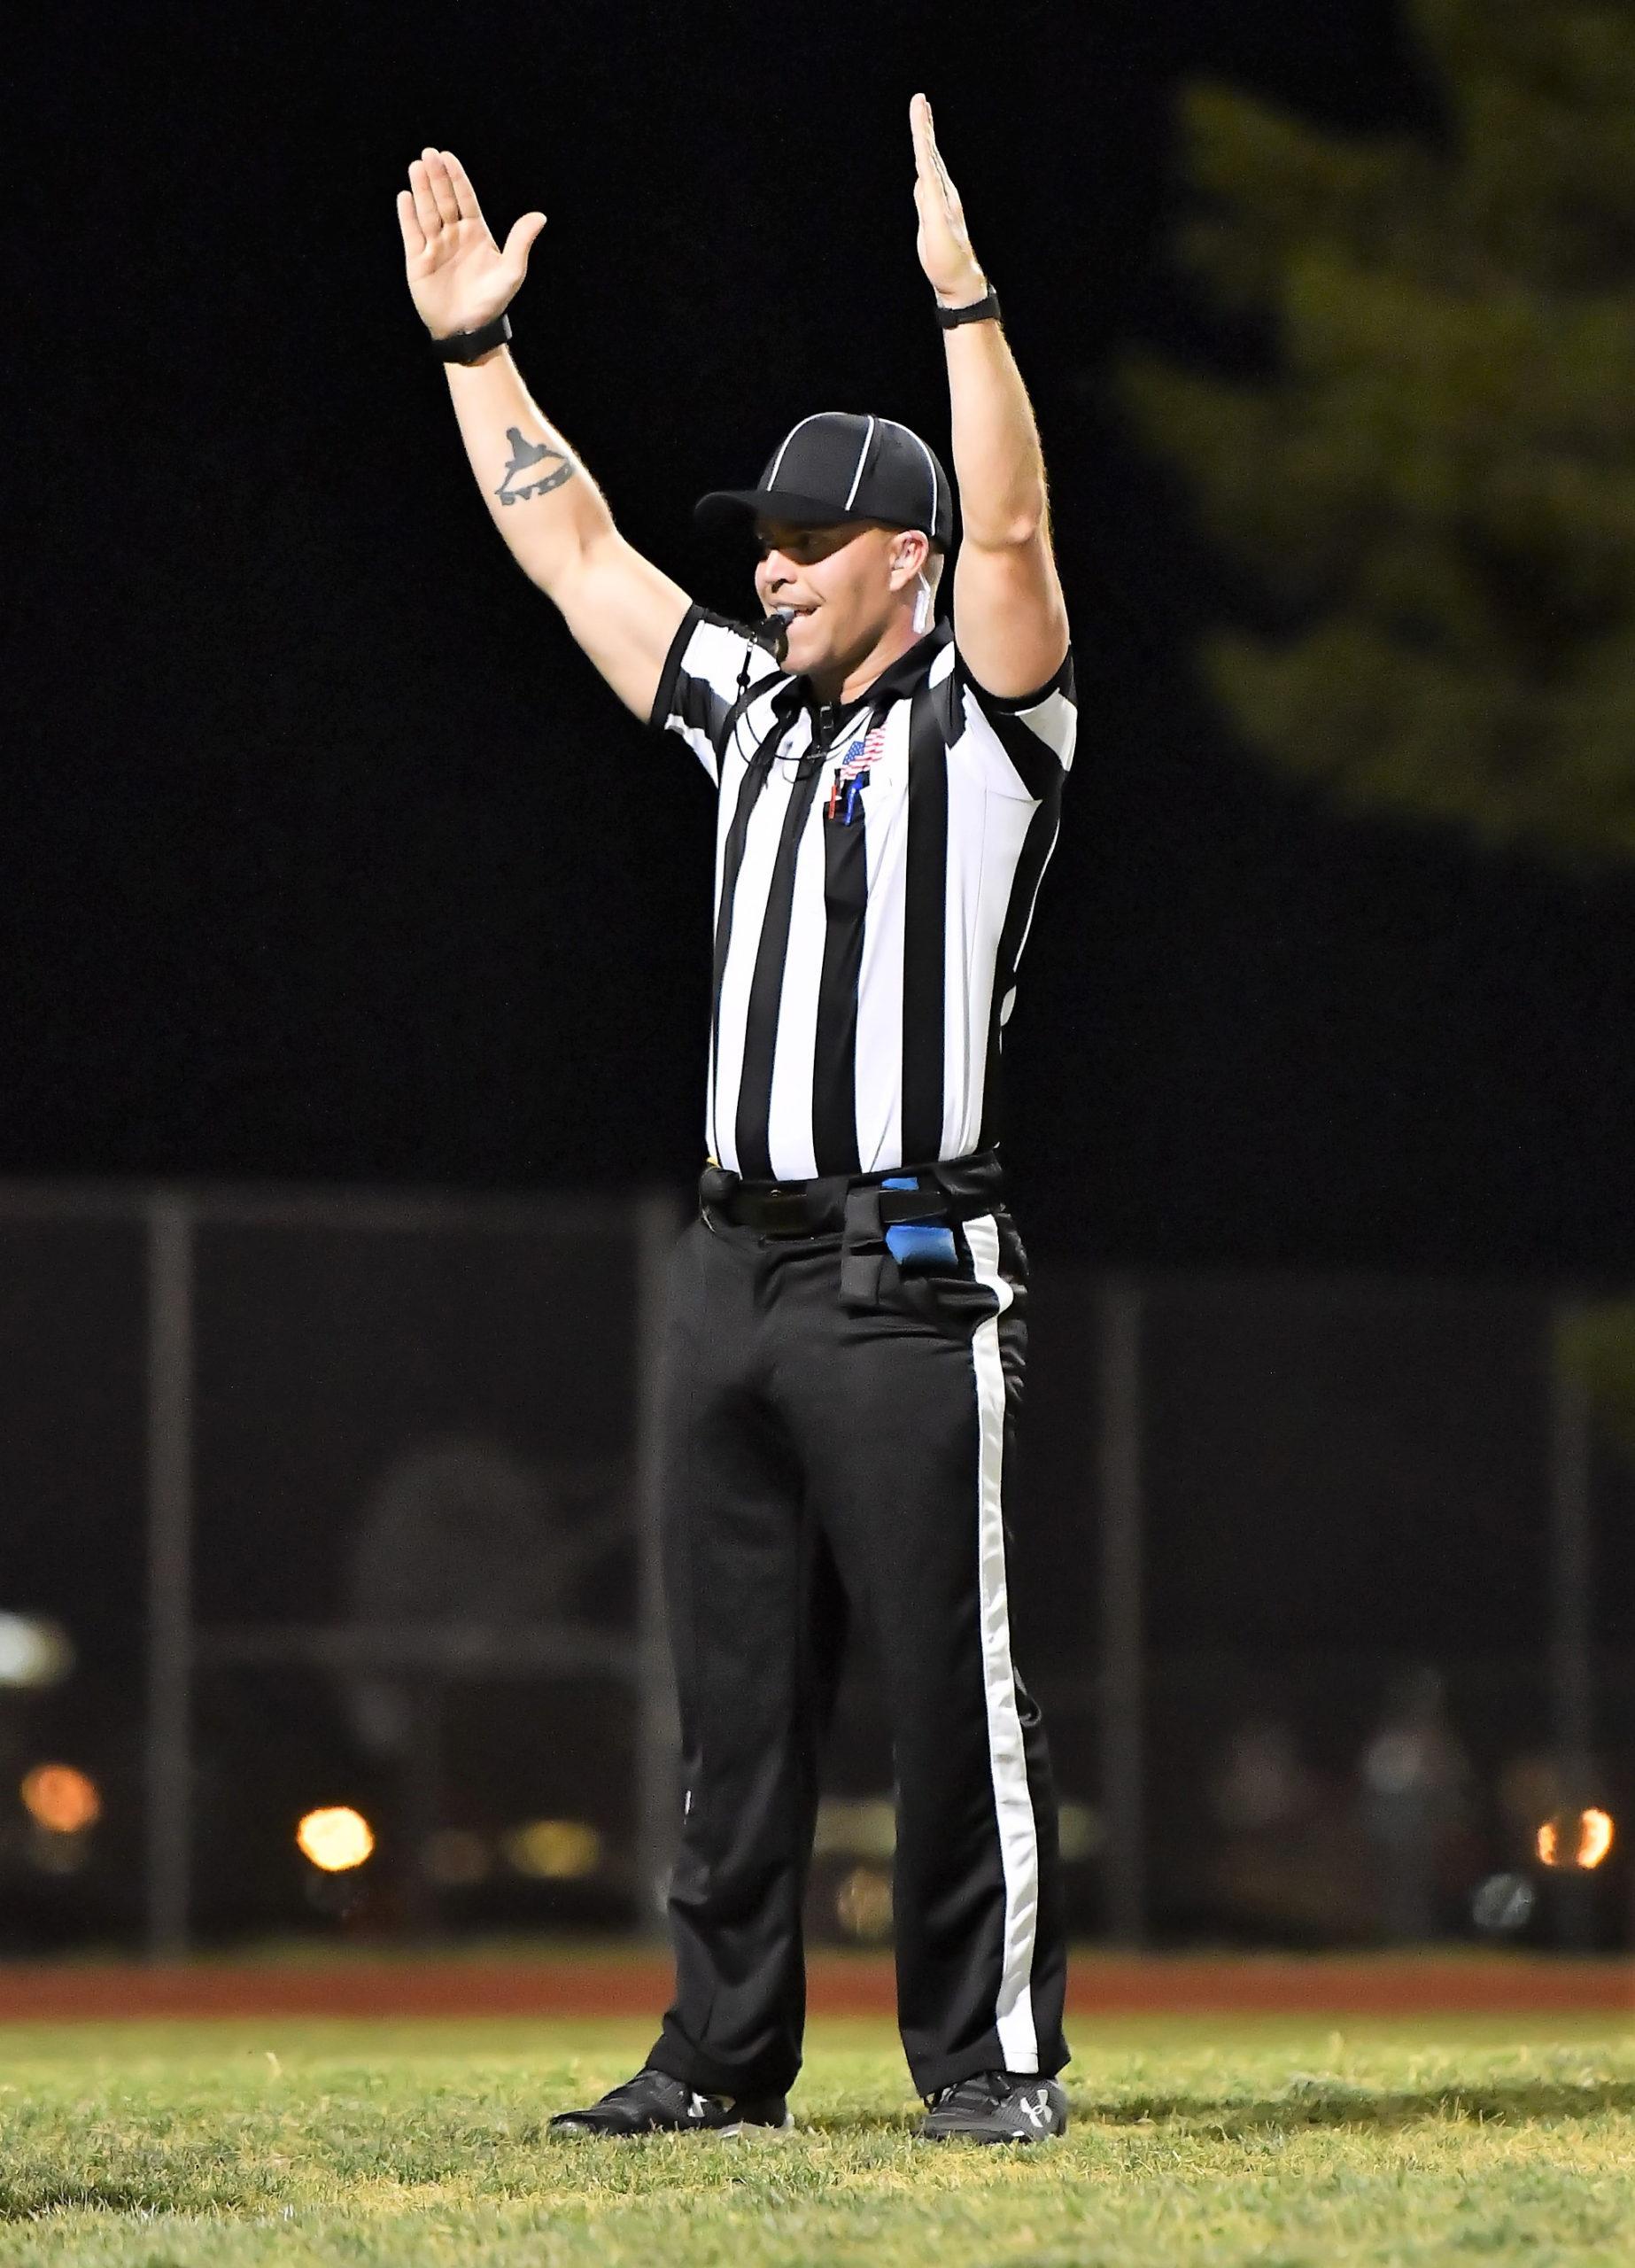 An SNOA Football Official working a High School Football Game